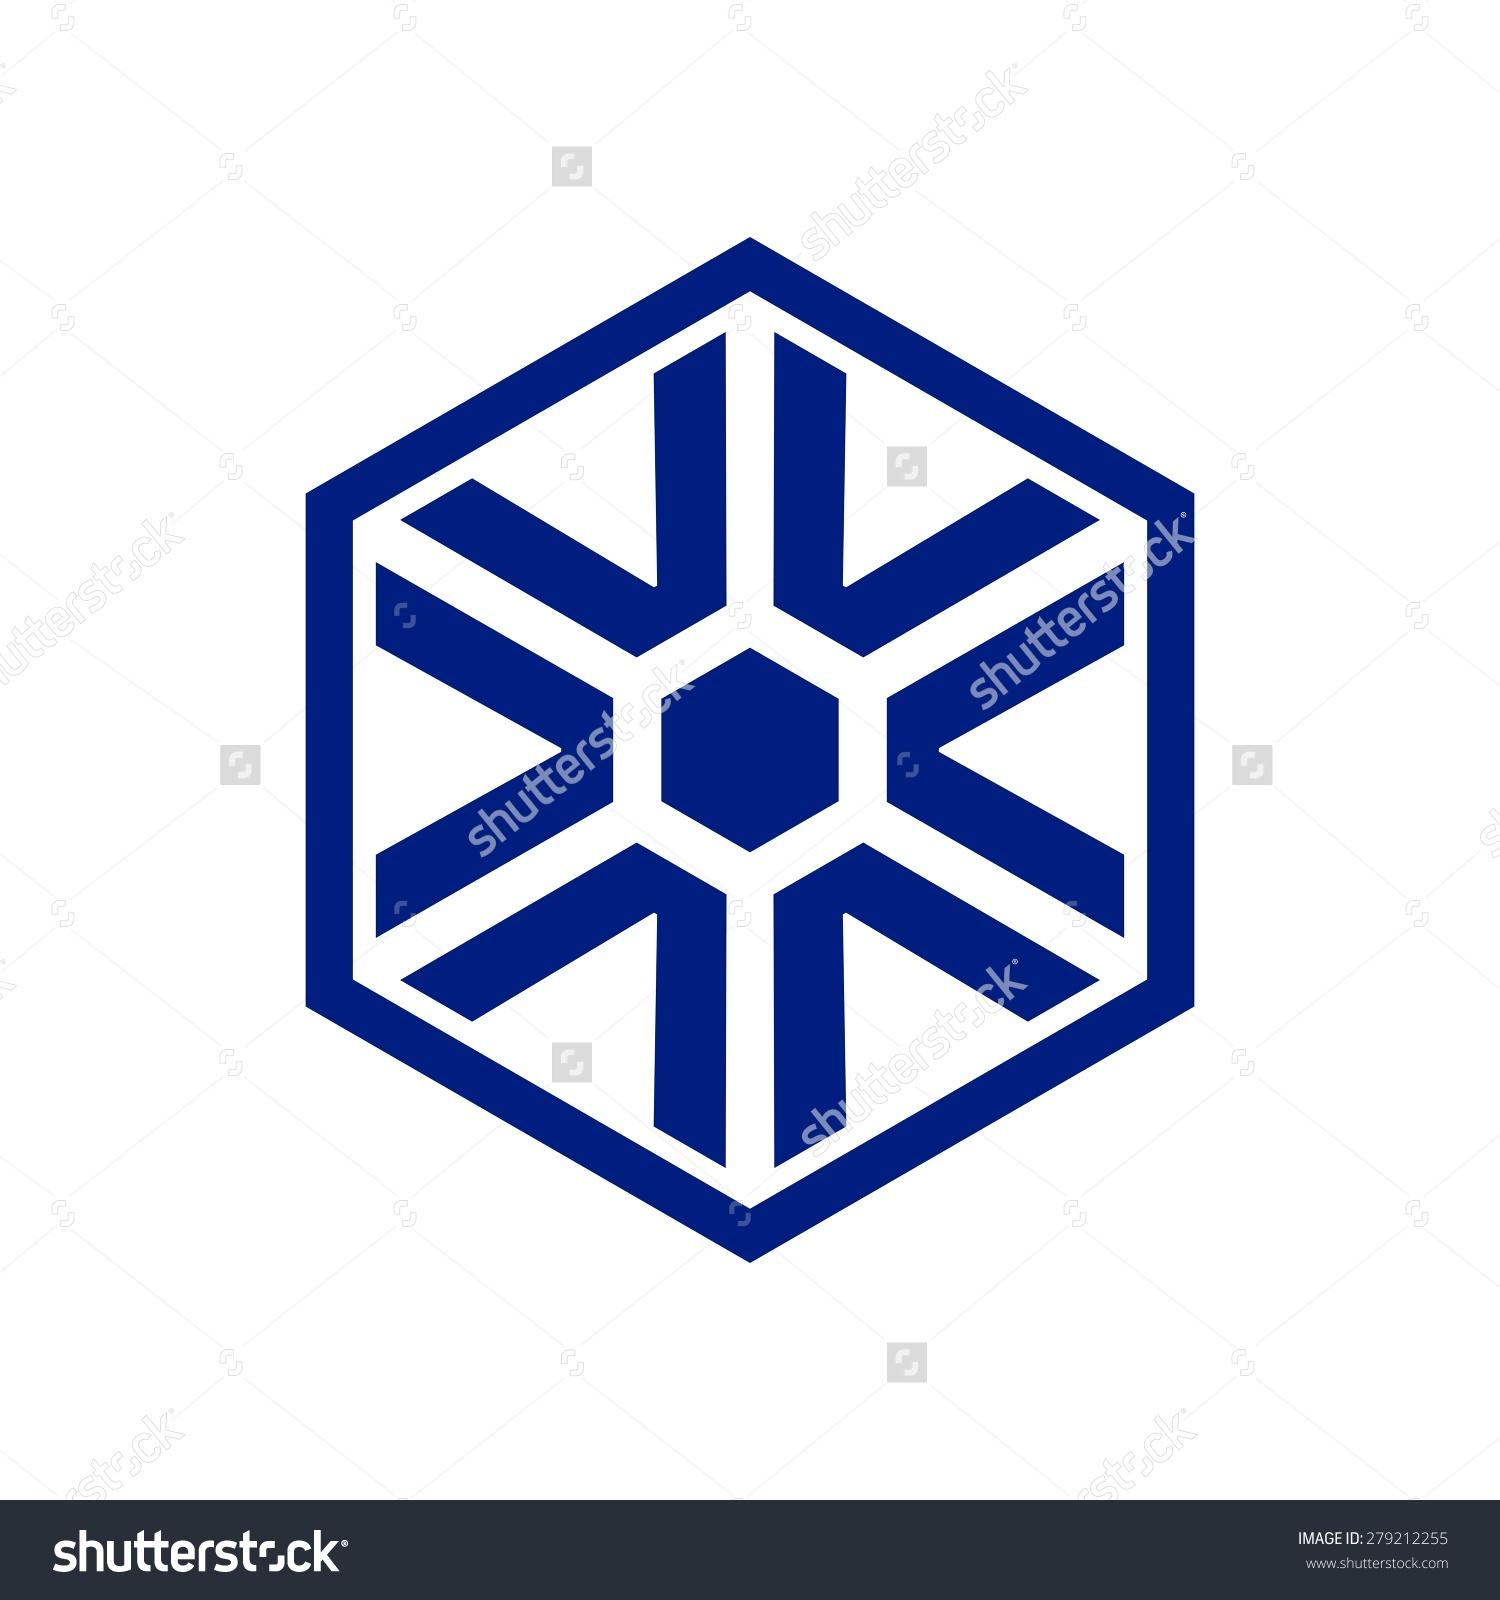 Z Hexagon Logo Template photo - 1